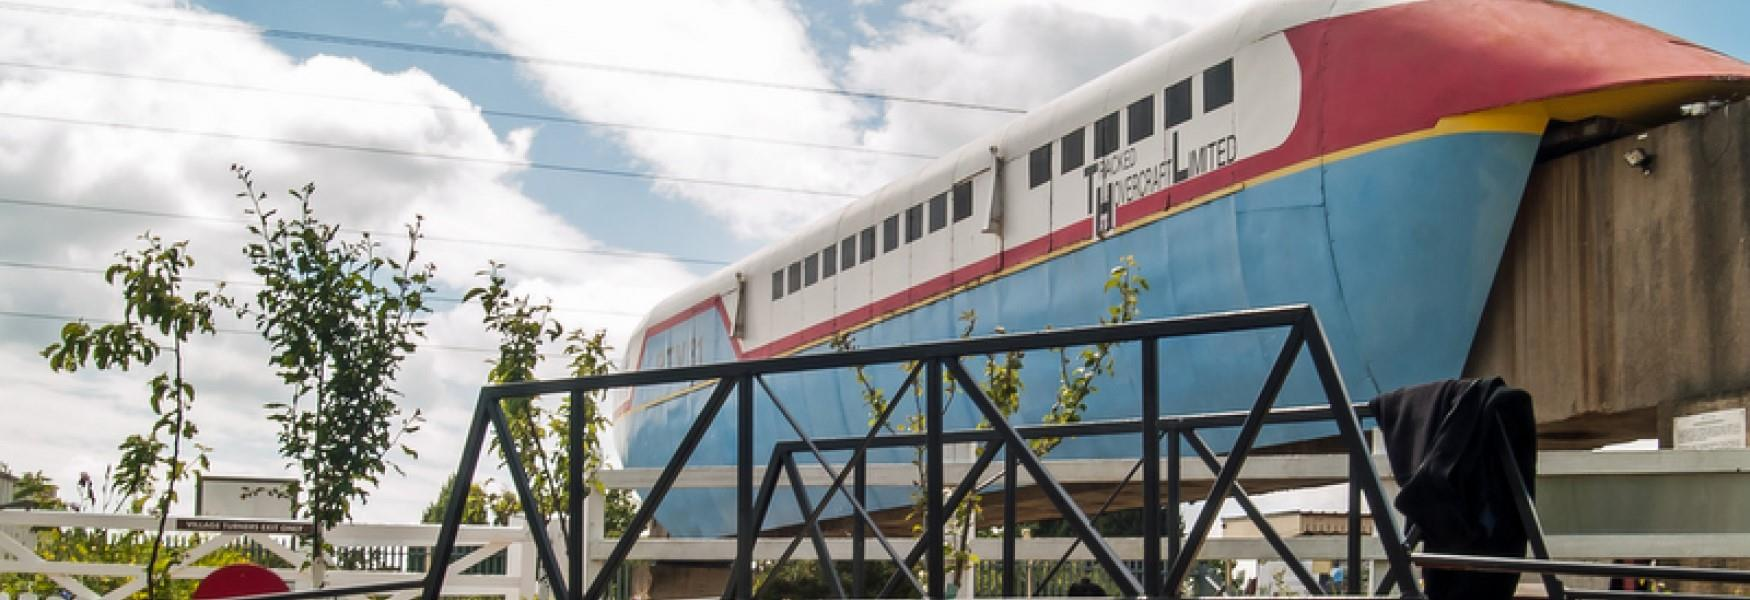 The Hover Train at Railworld